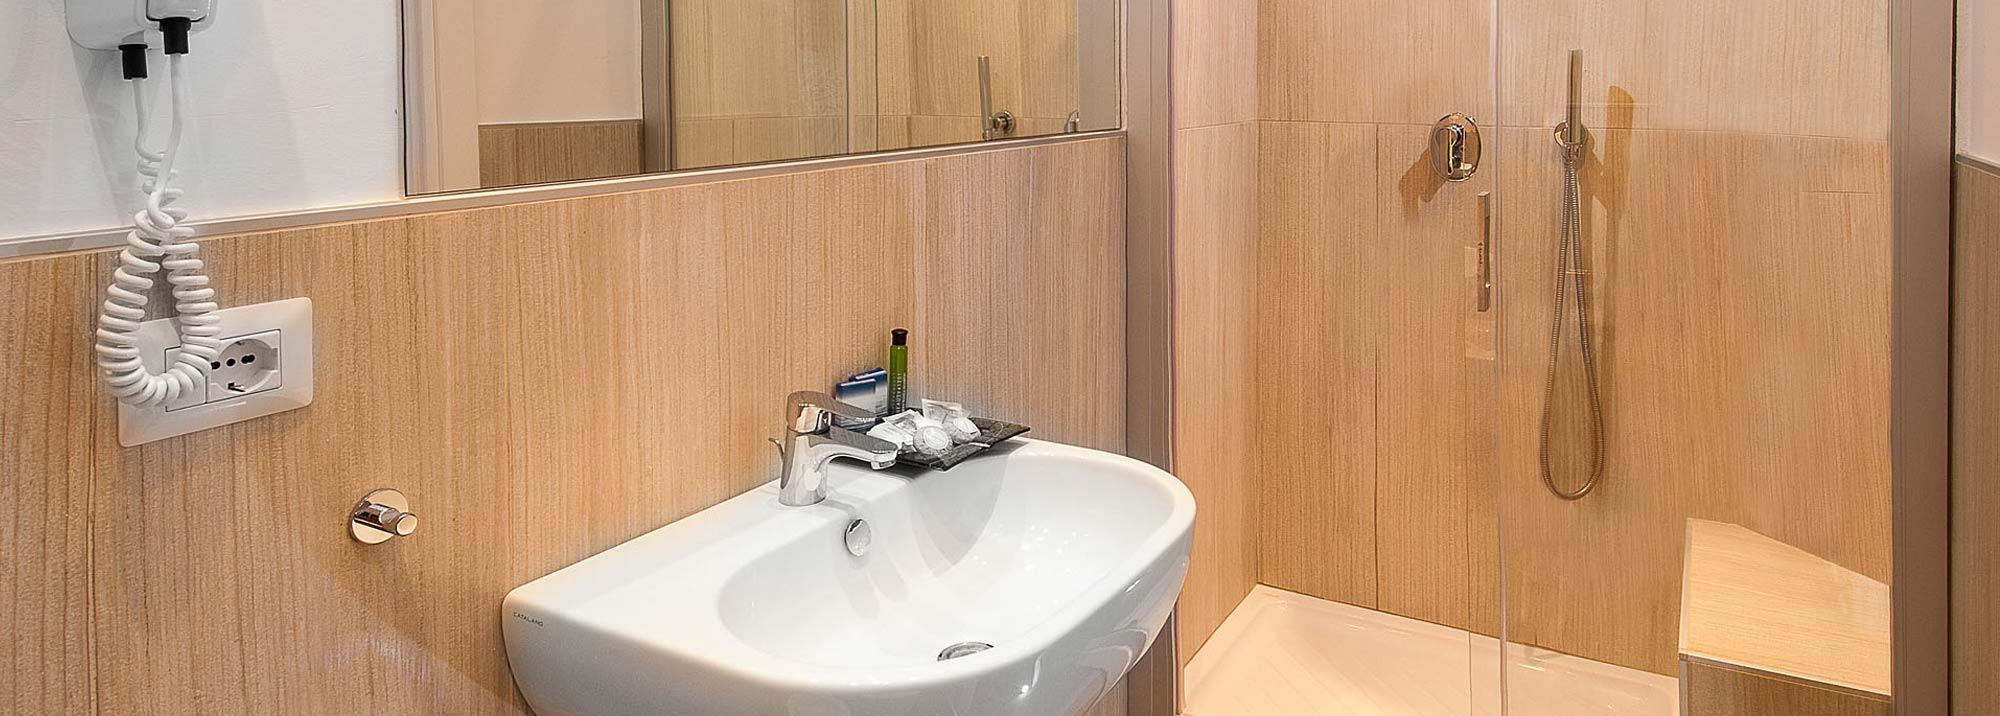 Hotel Lido Cattolica bagno in camera nuovo